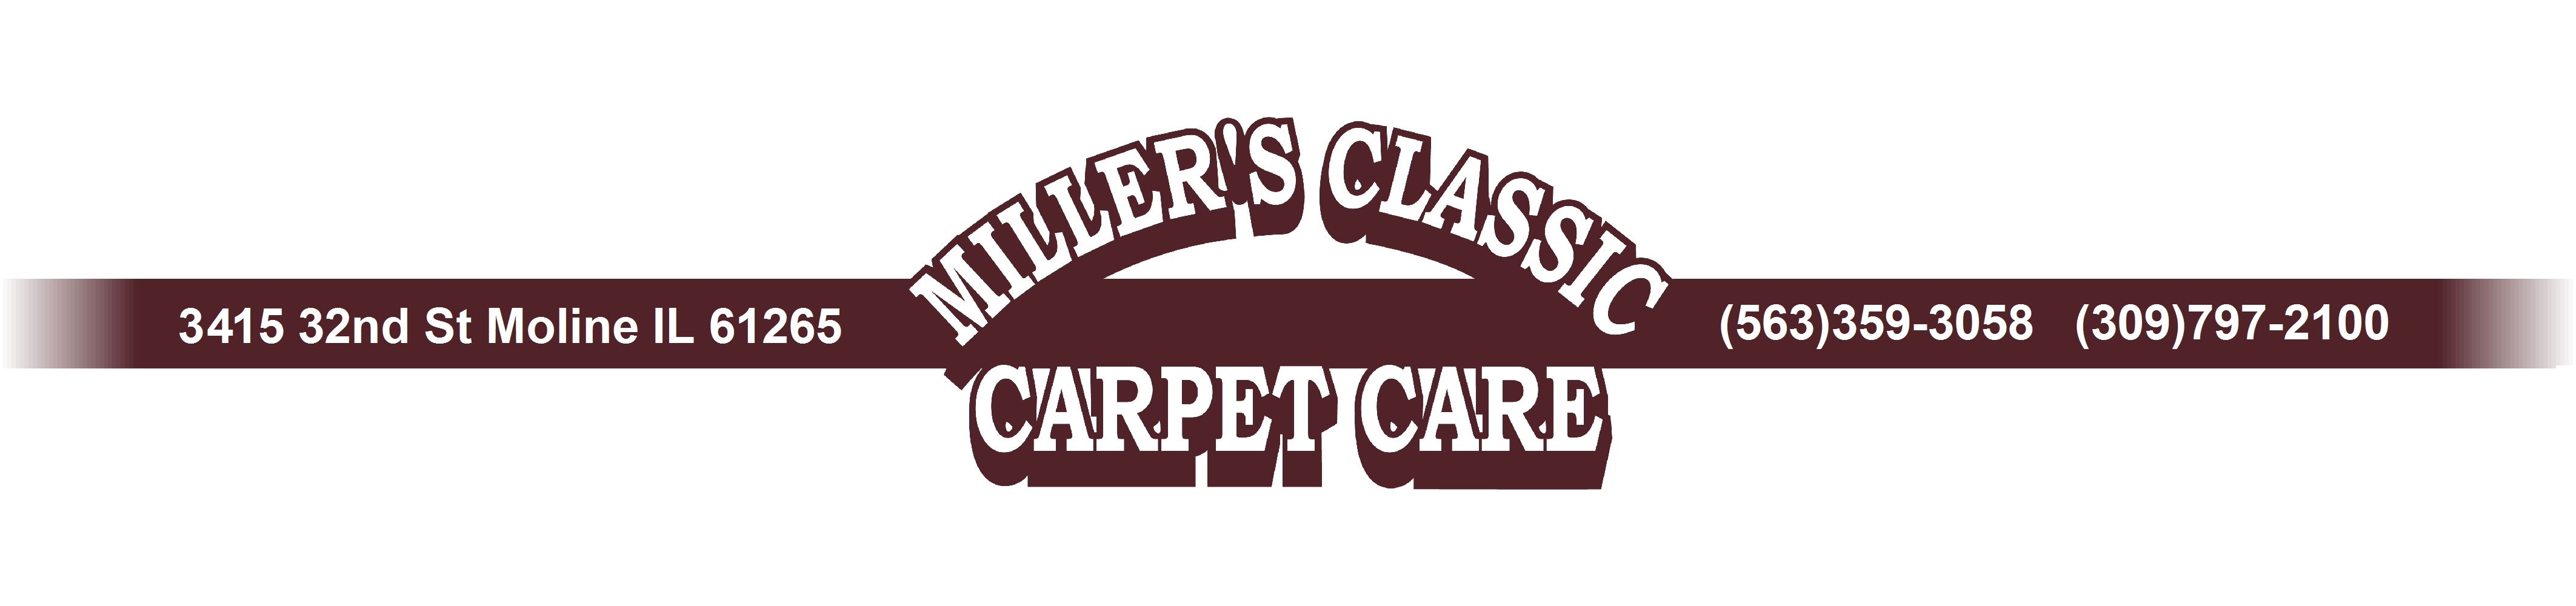 Miller's Classic Carpet Care image 0